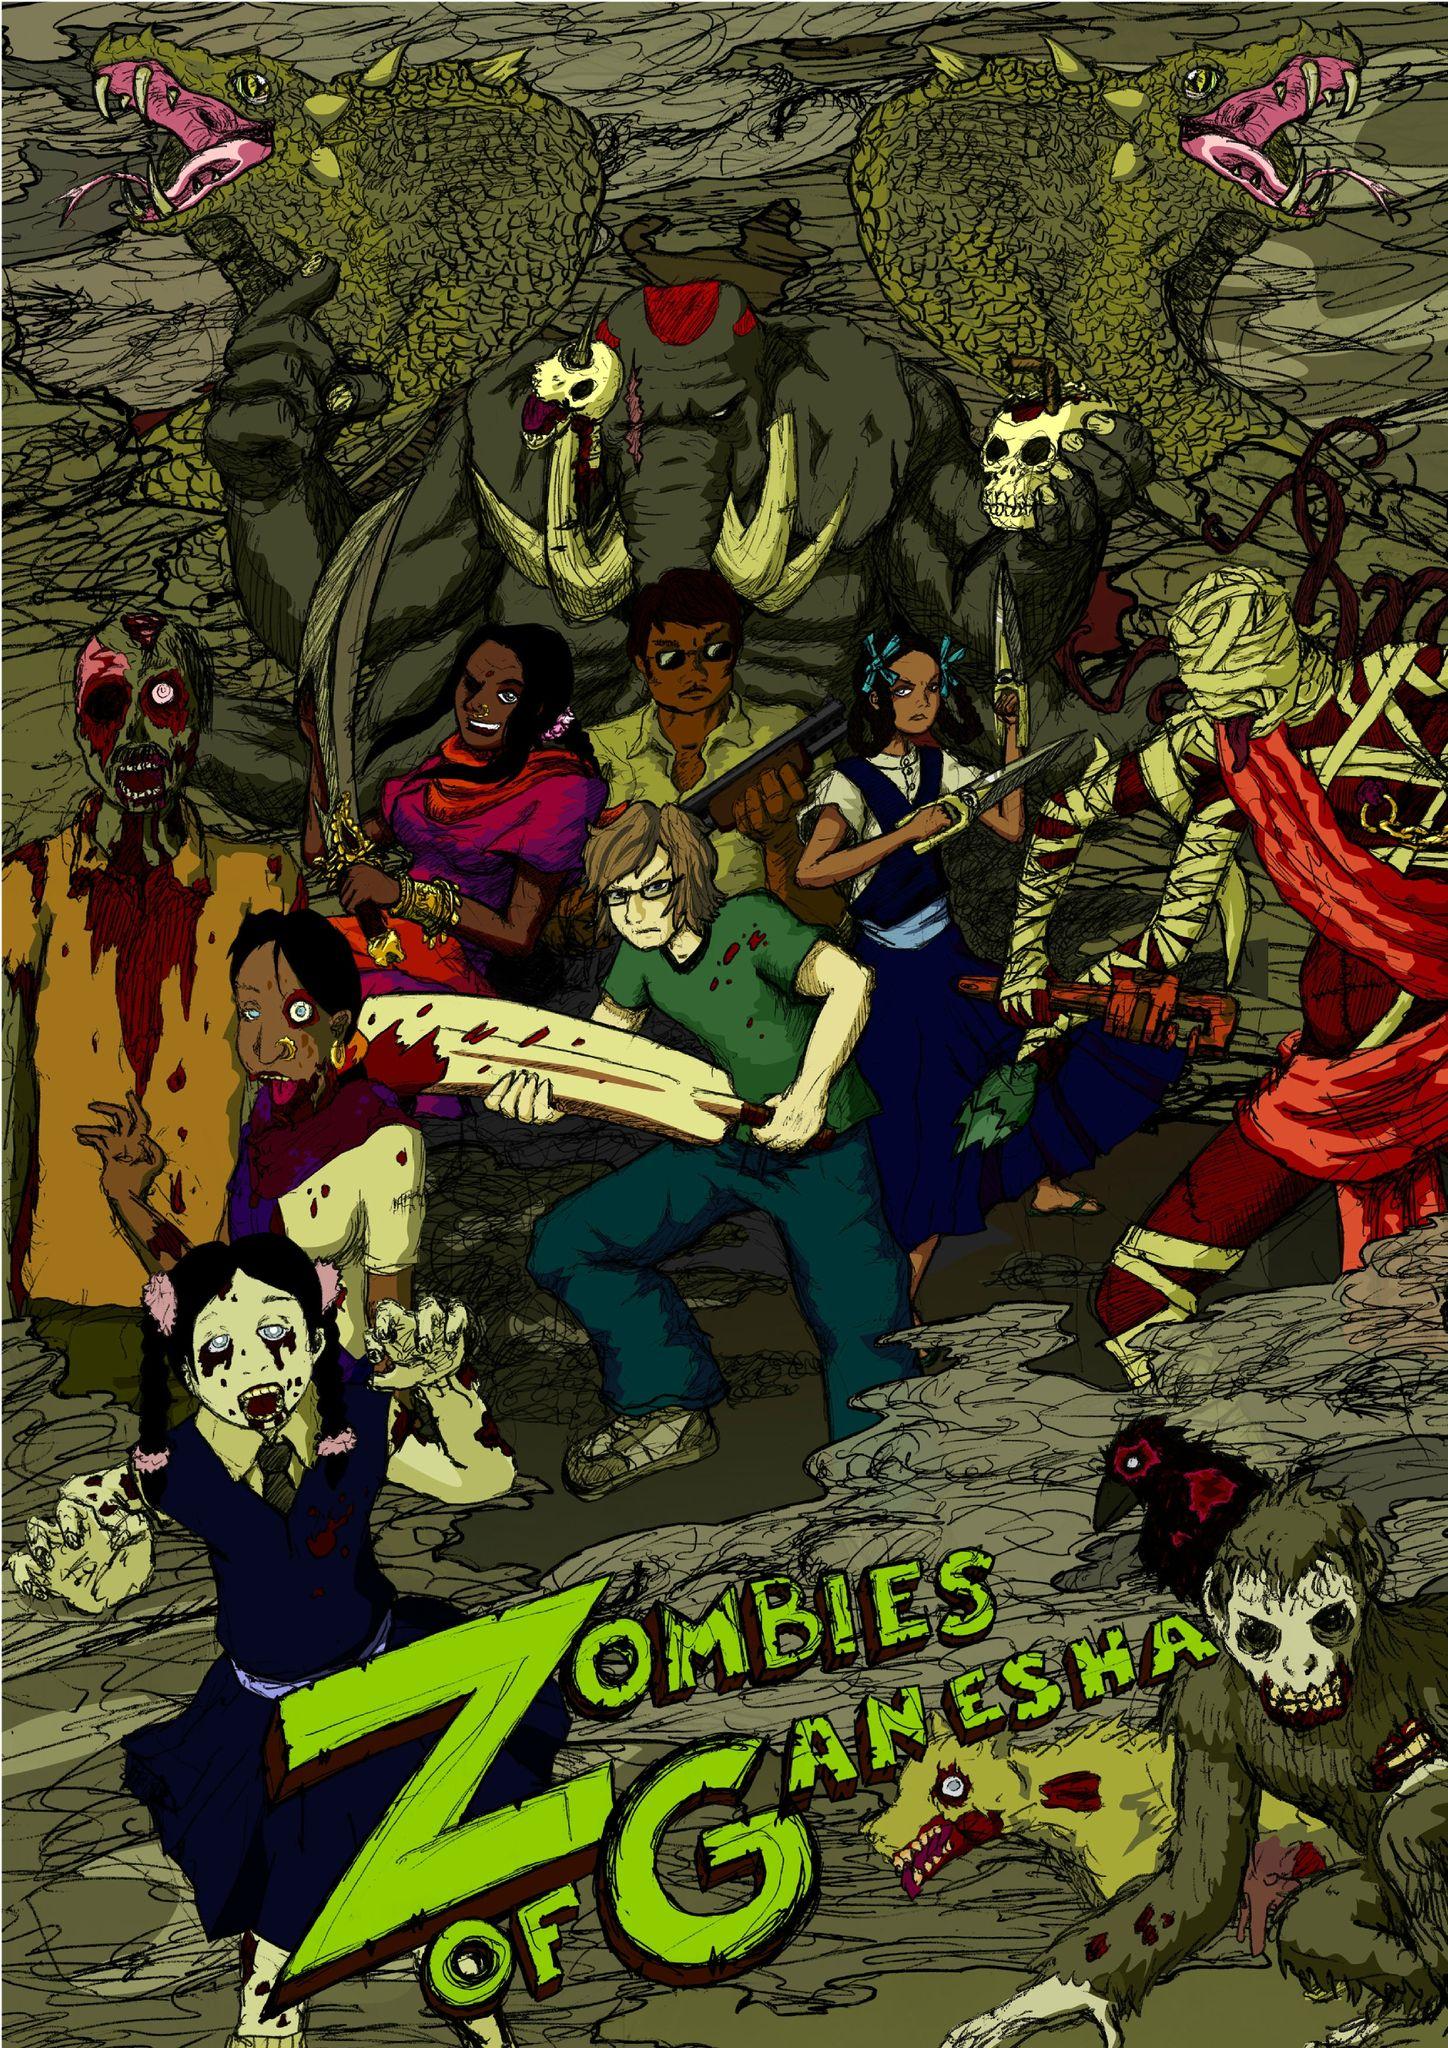 zombies of ganesha2